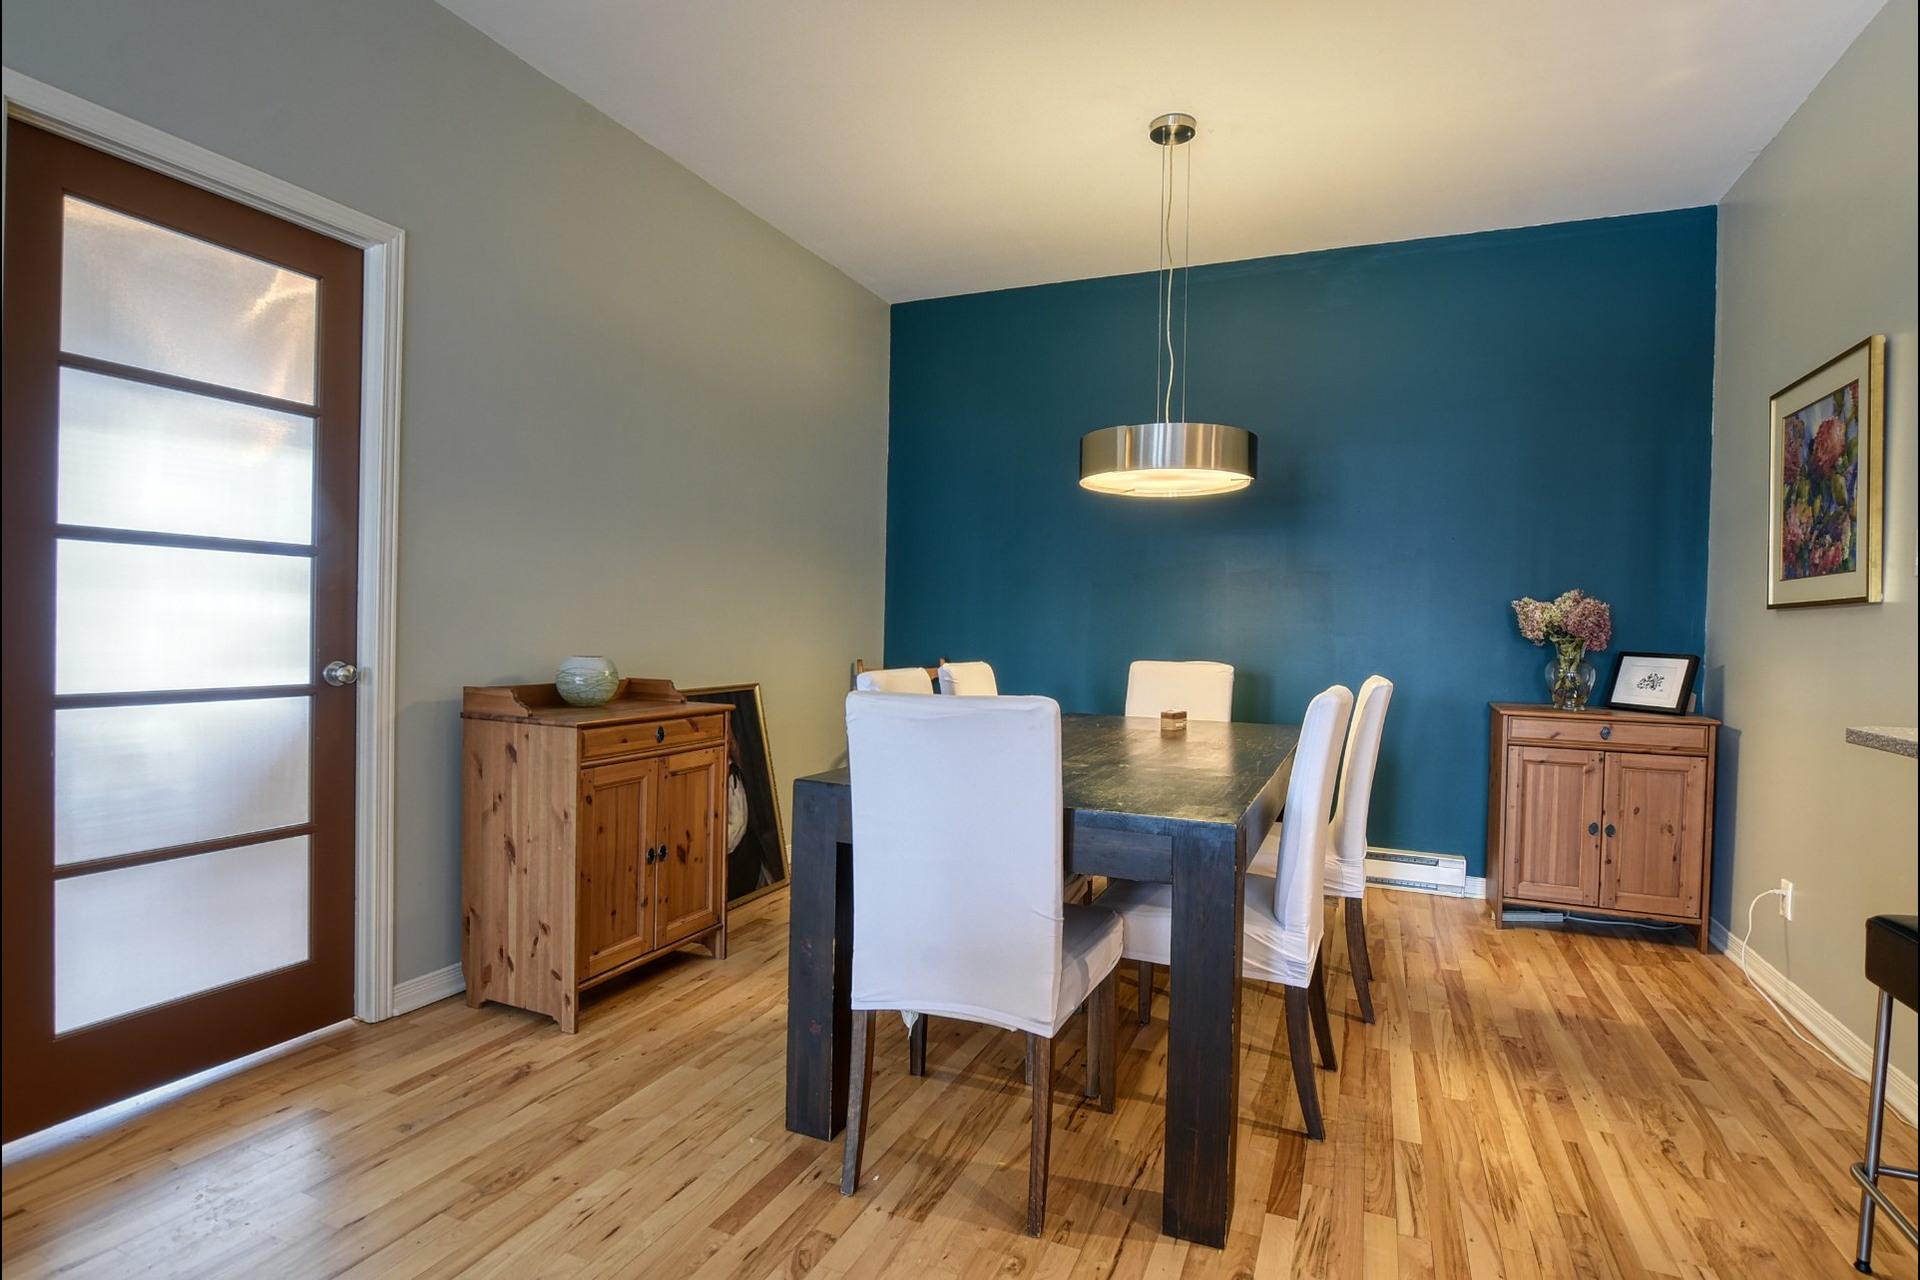 image 4 - Appartement À vendre Rosemont/La Petite-Patrie Montréal  - 6 pièces